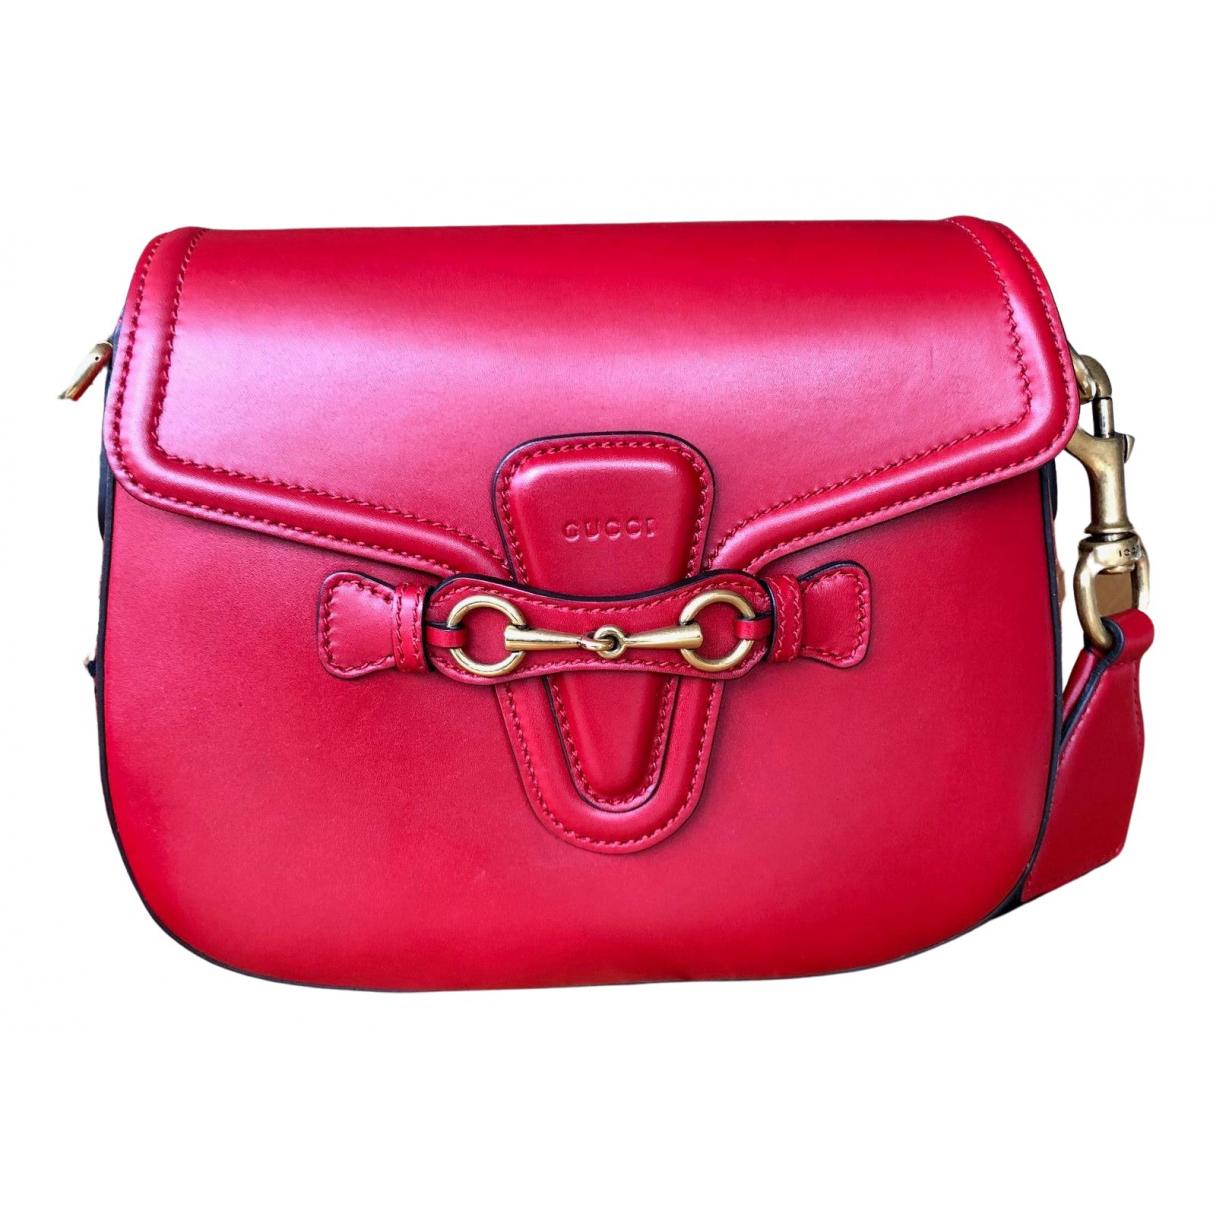 Gucci - Sac a main Lady Web pour femme en cuir - rouge